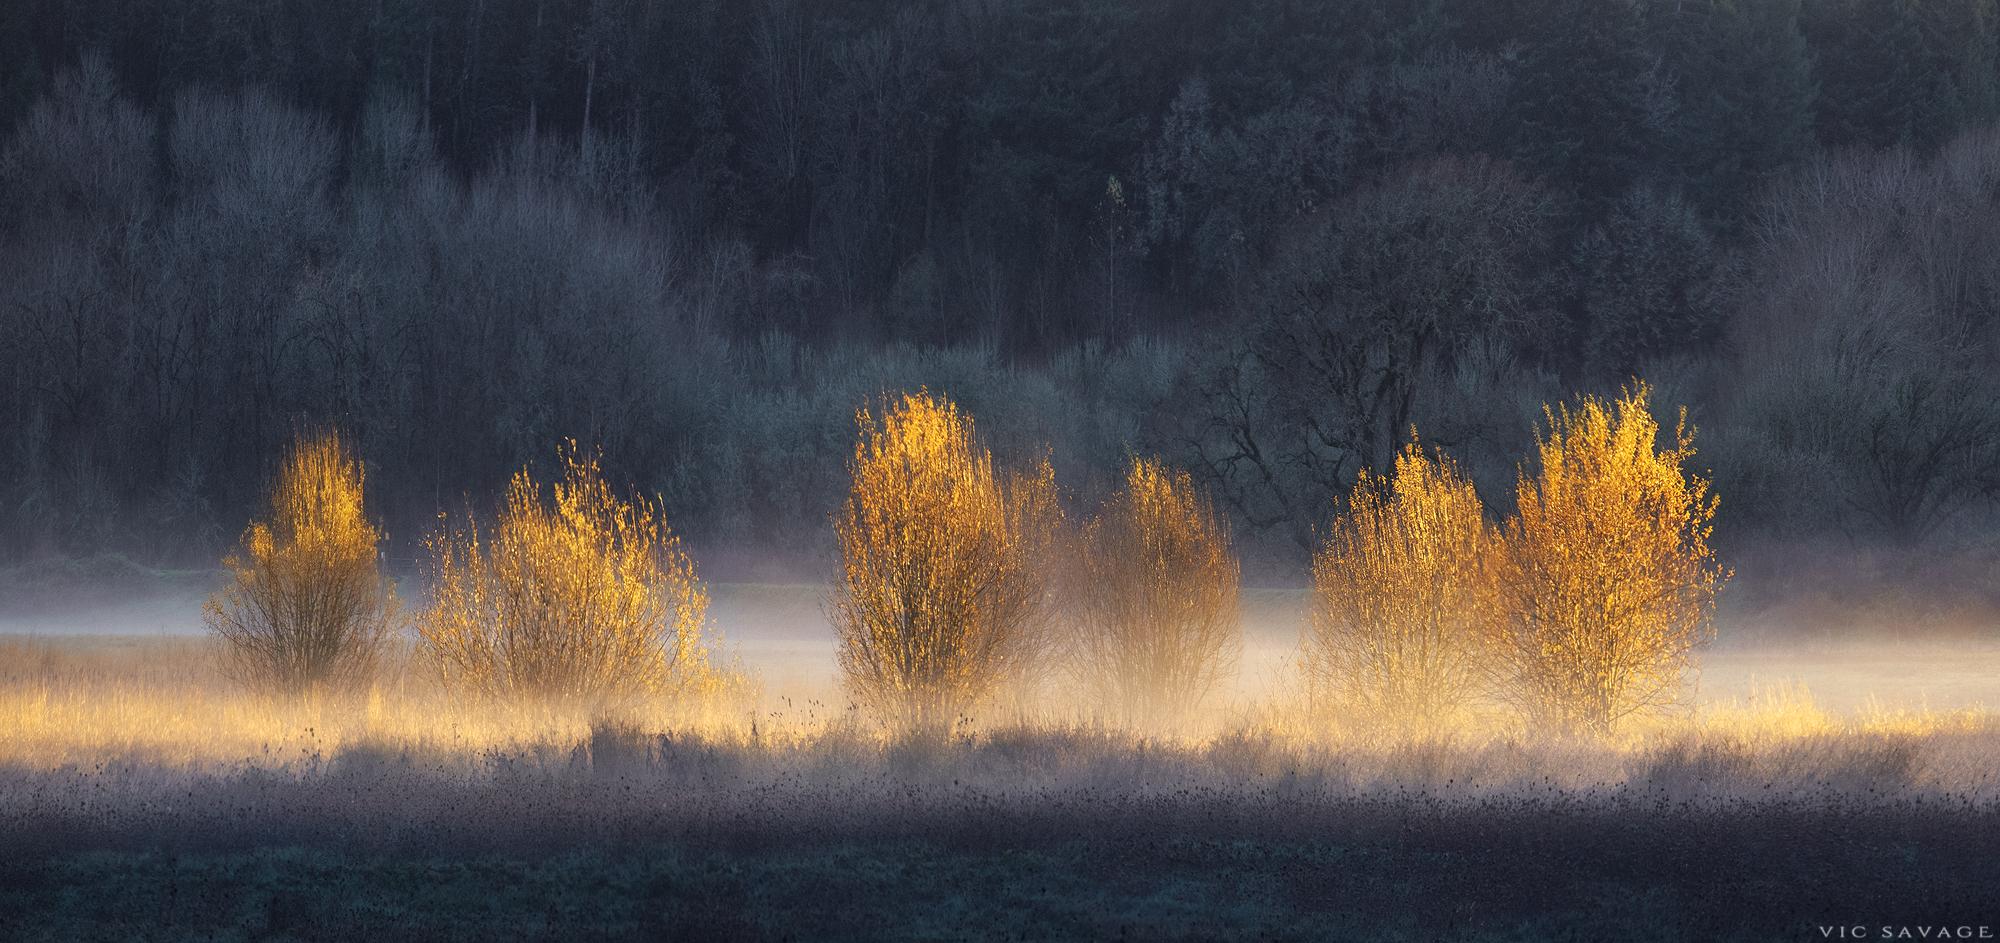 Light-Bushes.jpg